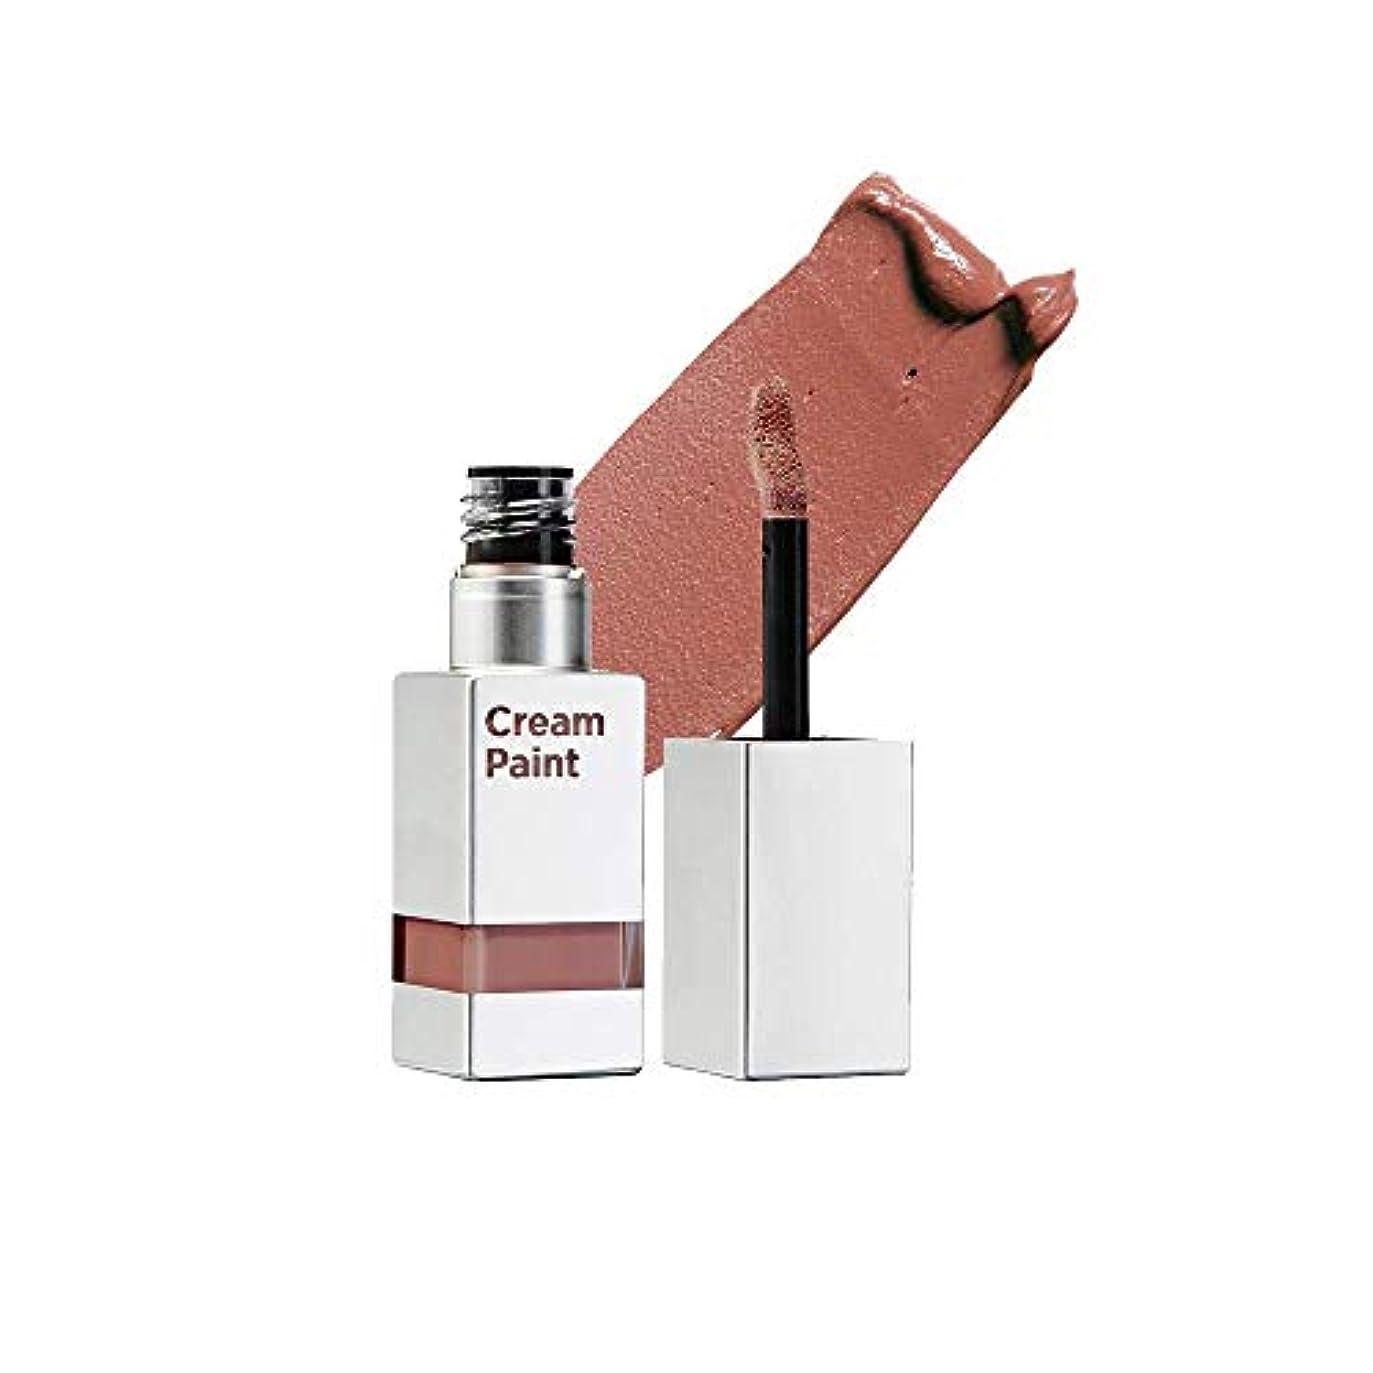 噴火委任ホステルYGエンターテインメント ムーンショット リップティント リップ&チーク クリーム ペイントライトフィット 9ml M811 ヌーディーブランチ ソフトブラウン MOONSHOT Cream Paint Lightfit...